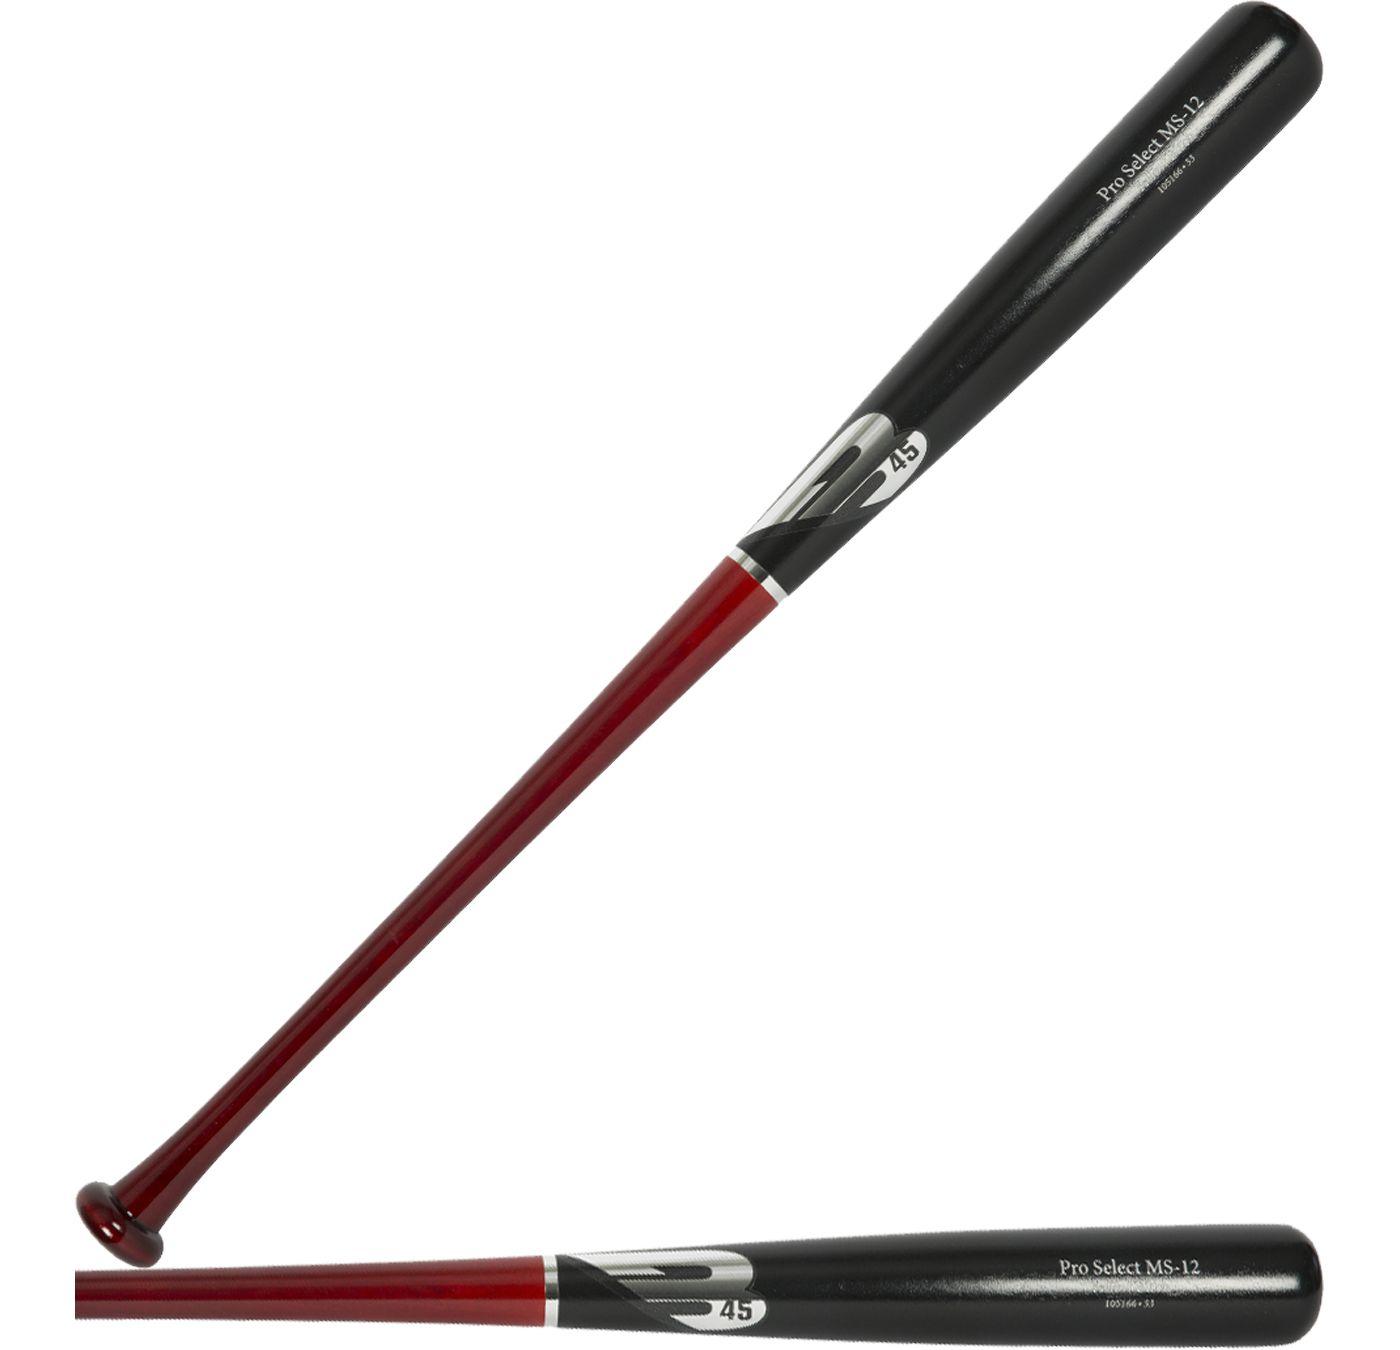 B45 MS12 Pro Select Birch Bat